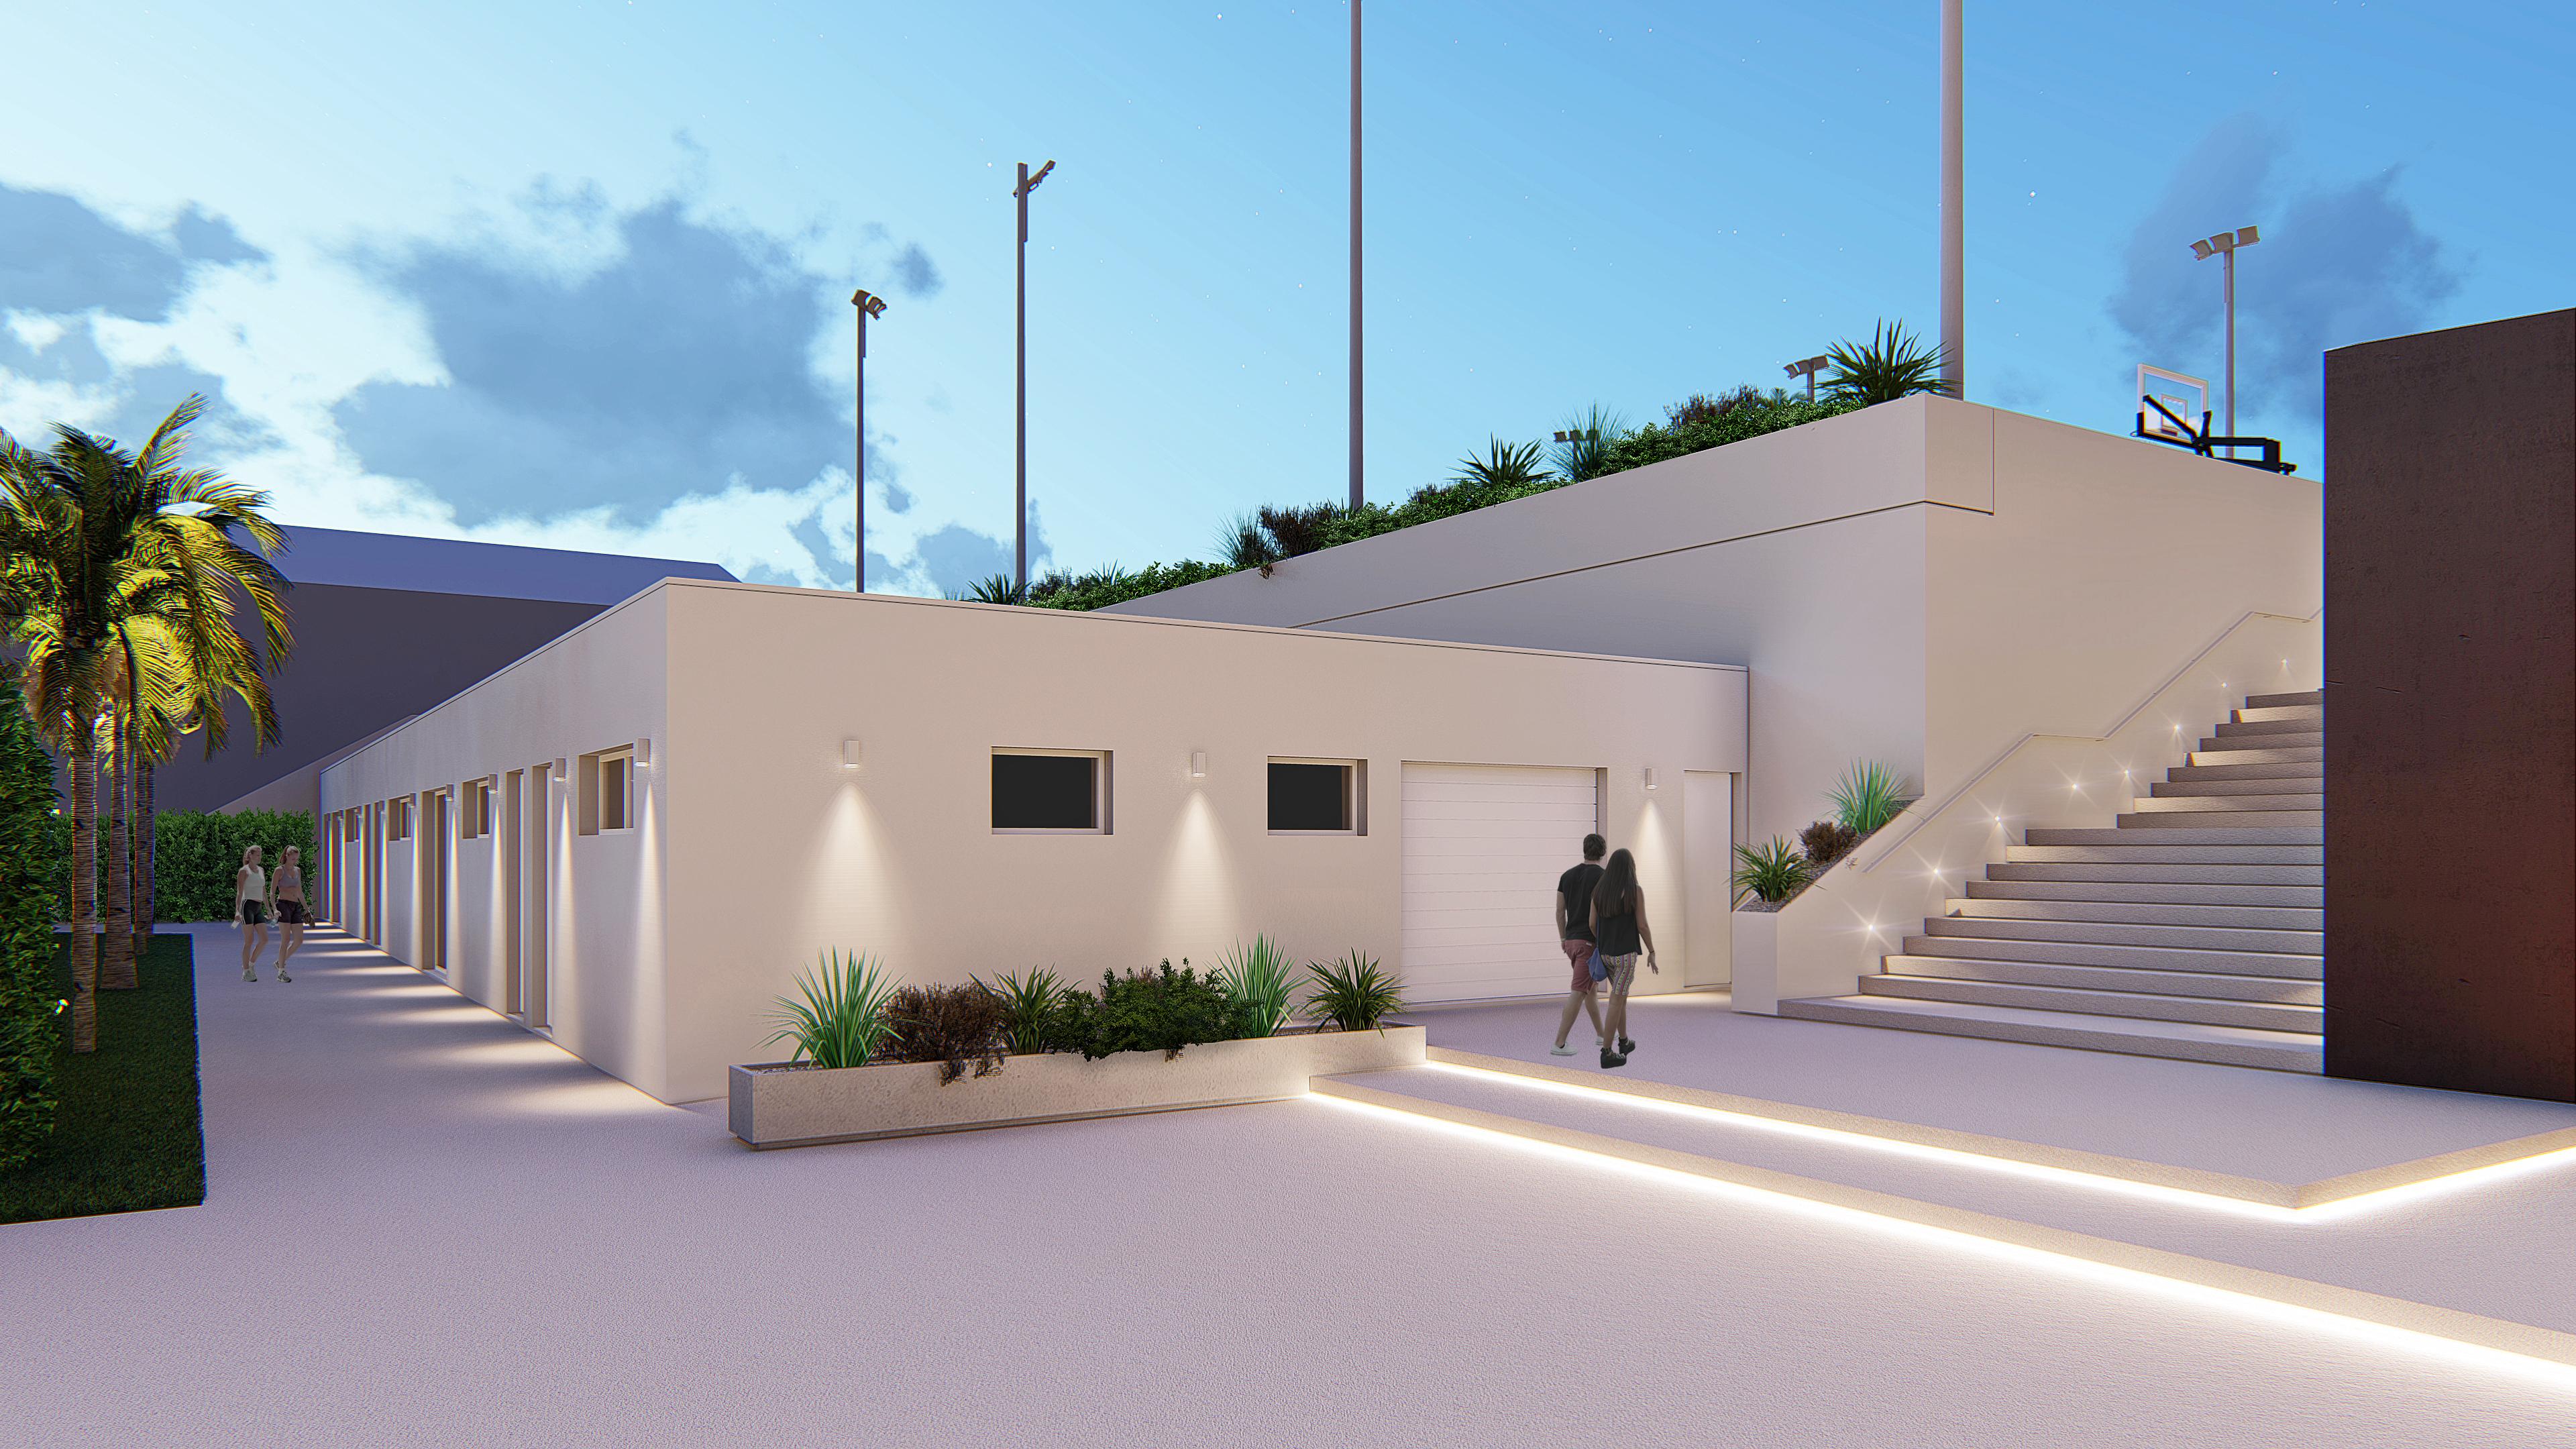 Impianto-Sportivo-Marina-di-Ragusa_DFG-Architetti-Associati-14